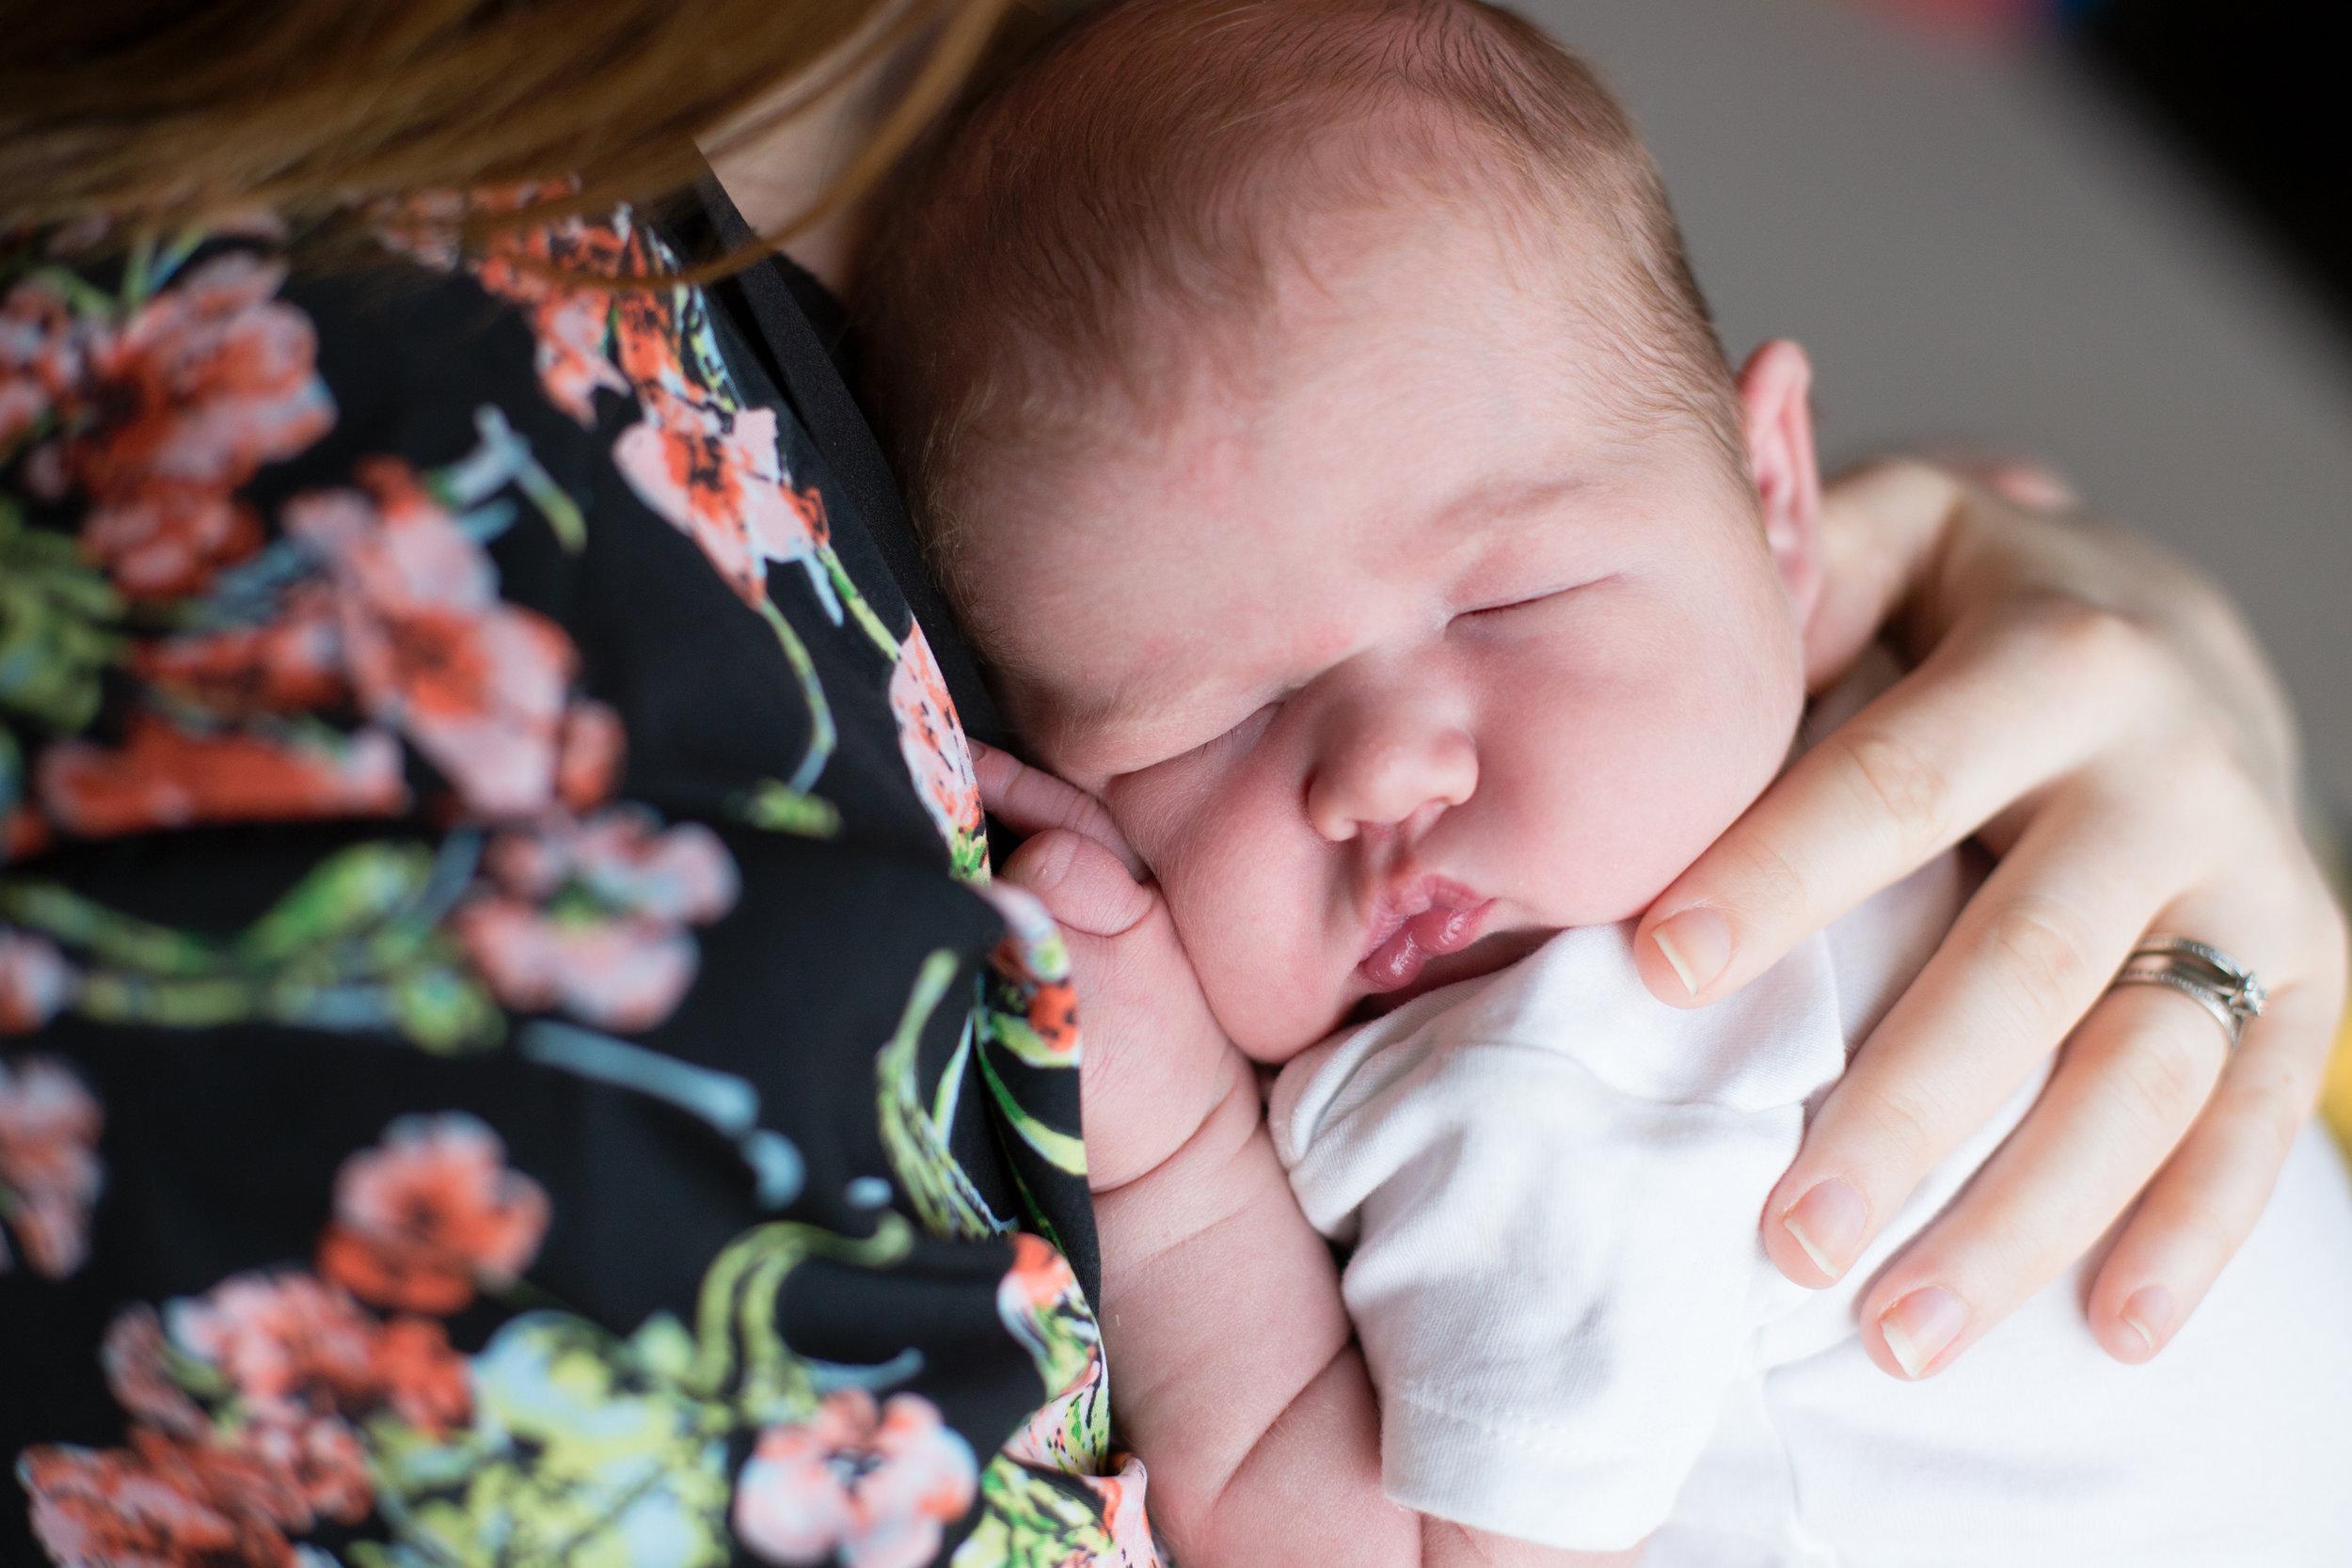 newborn photographer in portlethen, aberdeen